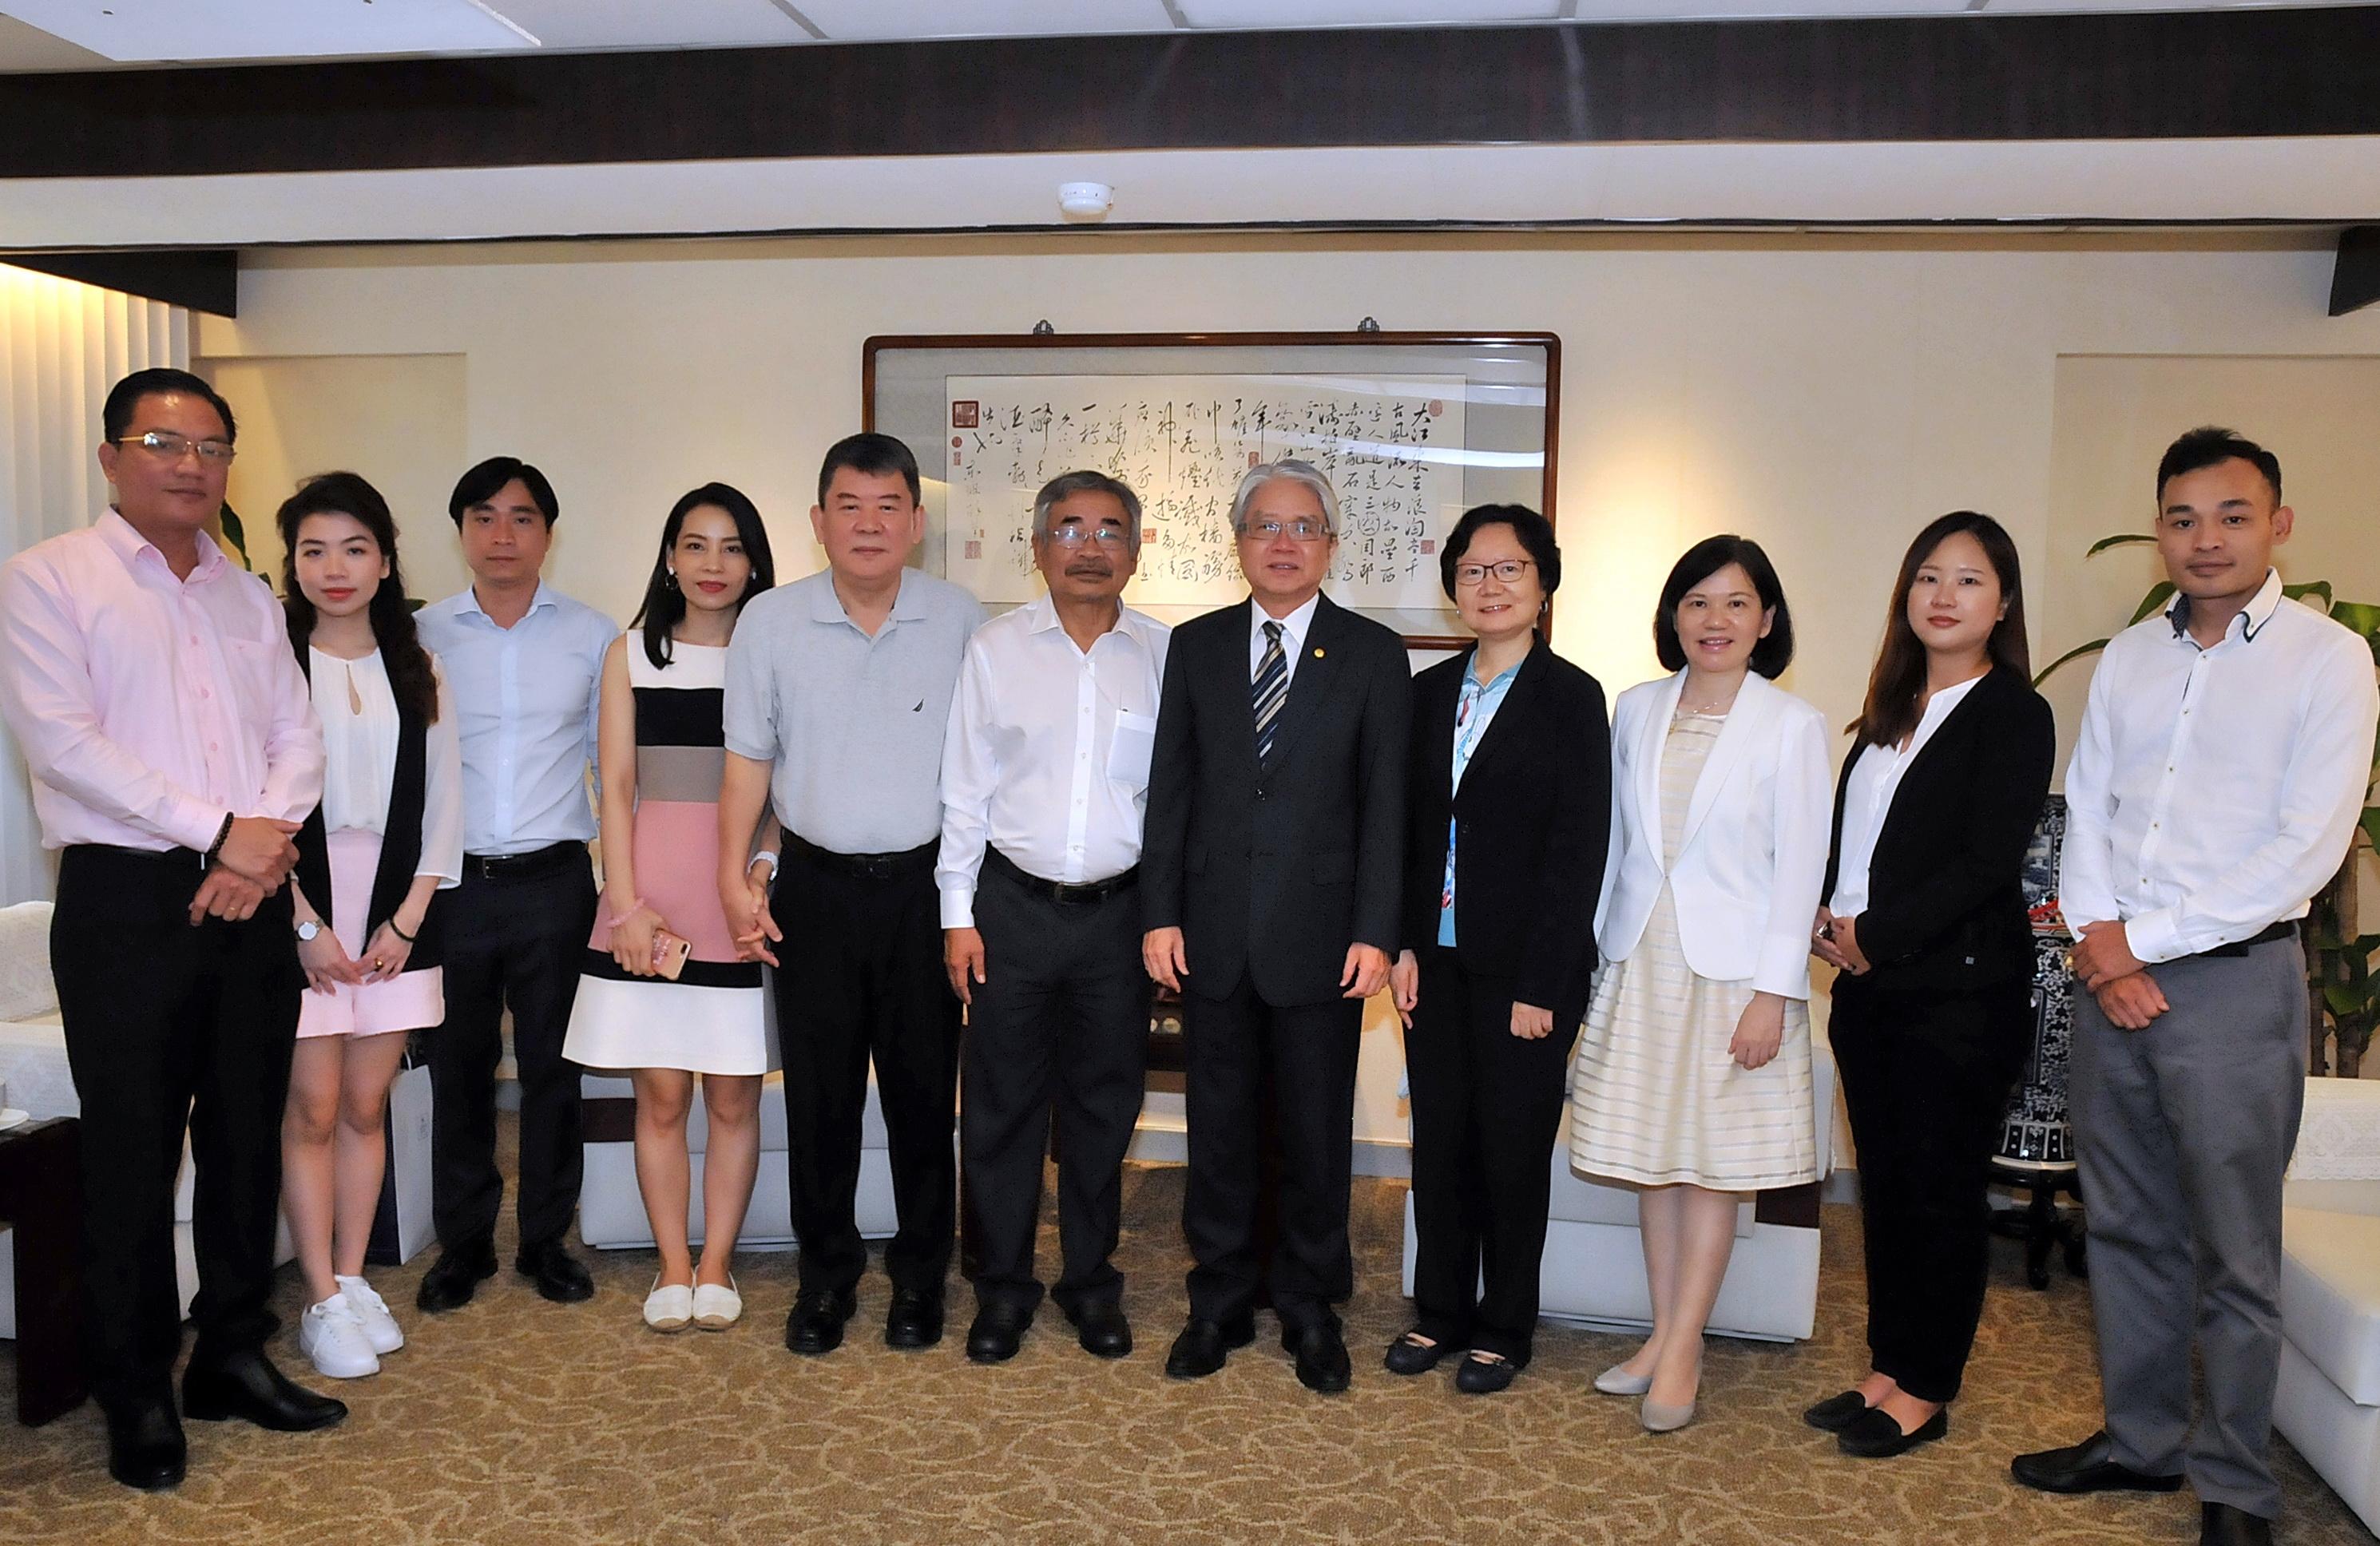 圖片說明-越南進口商Mr. Tru與越南PVcomBank關係企業尤董事長於7月26日來行拜訪林理事主席,洽談轉融資事宜。